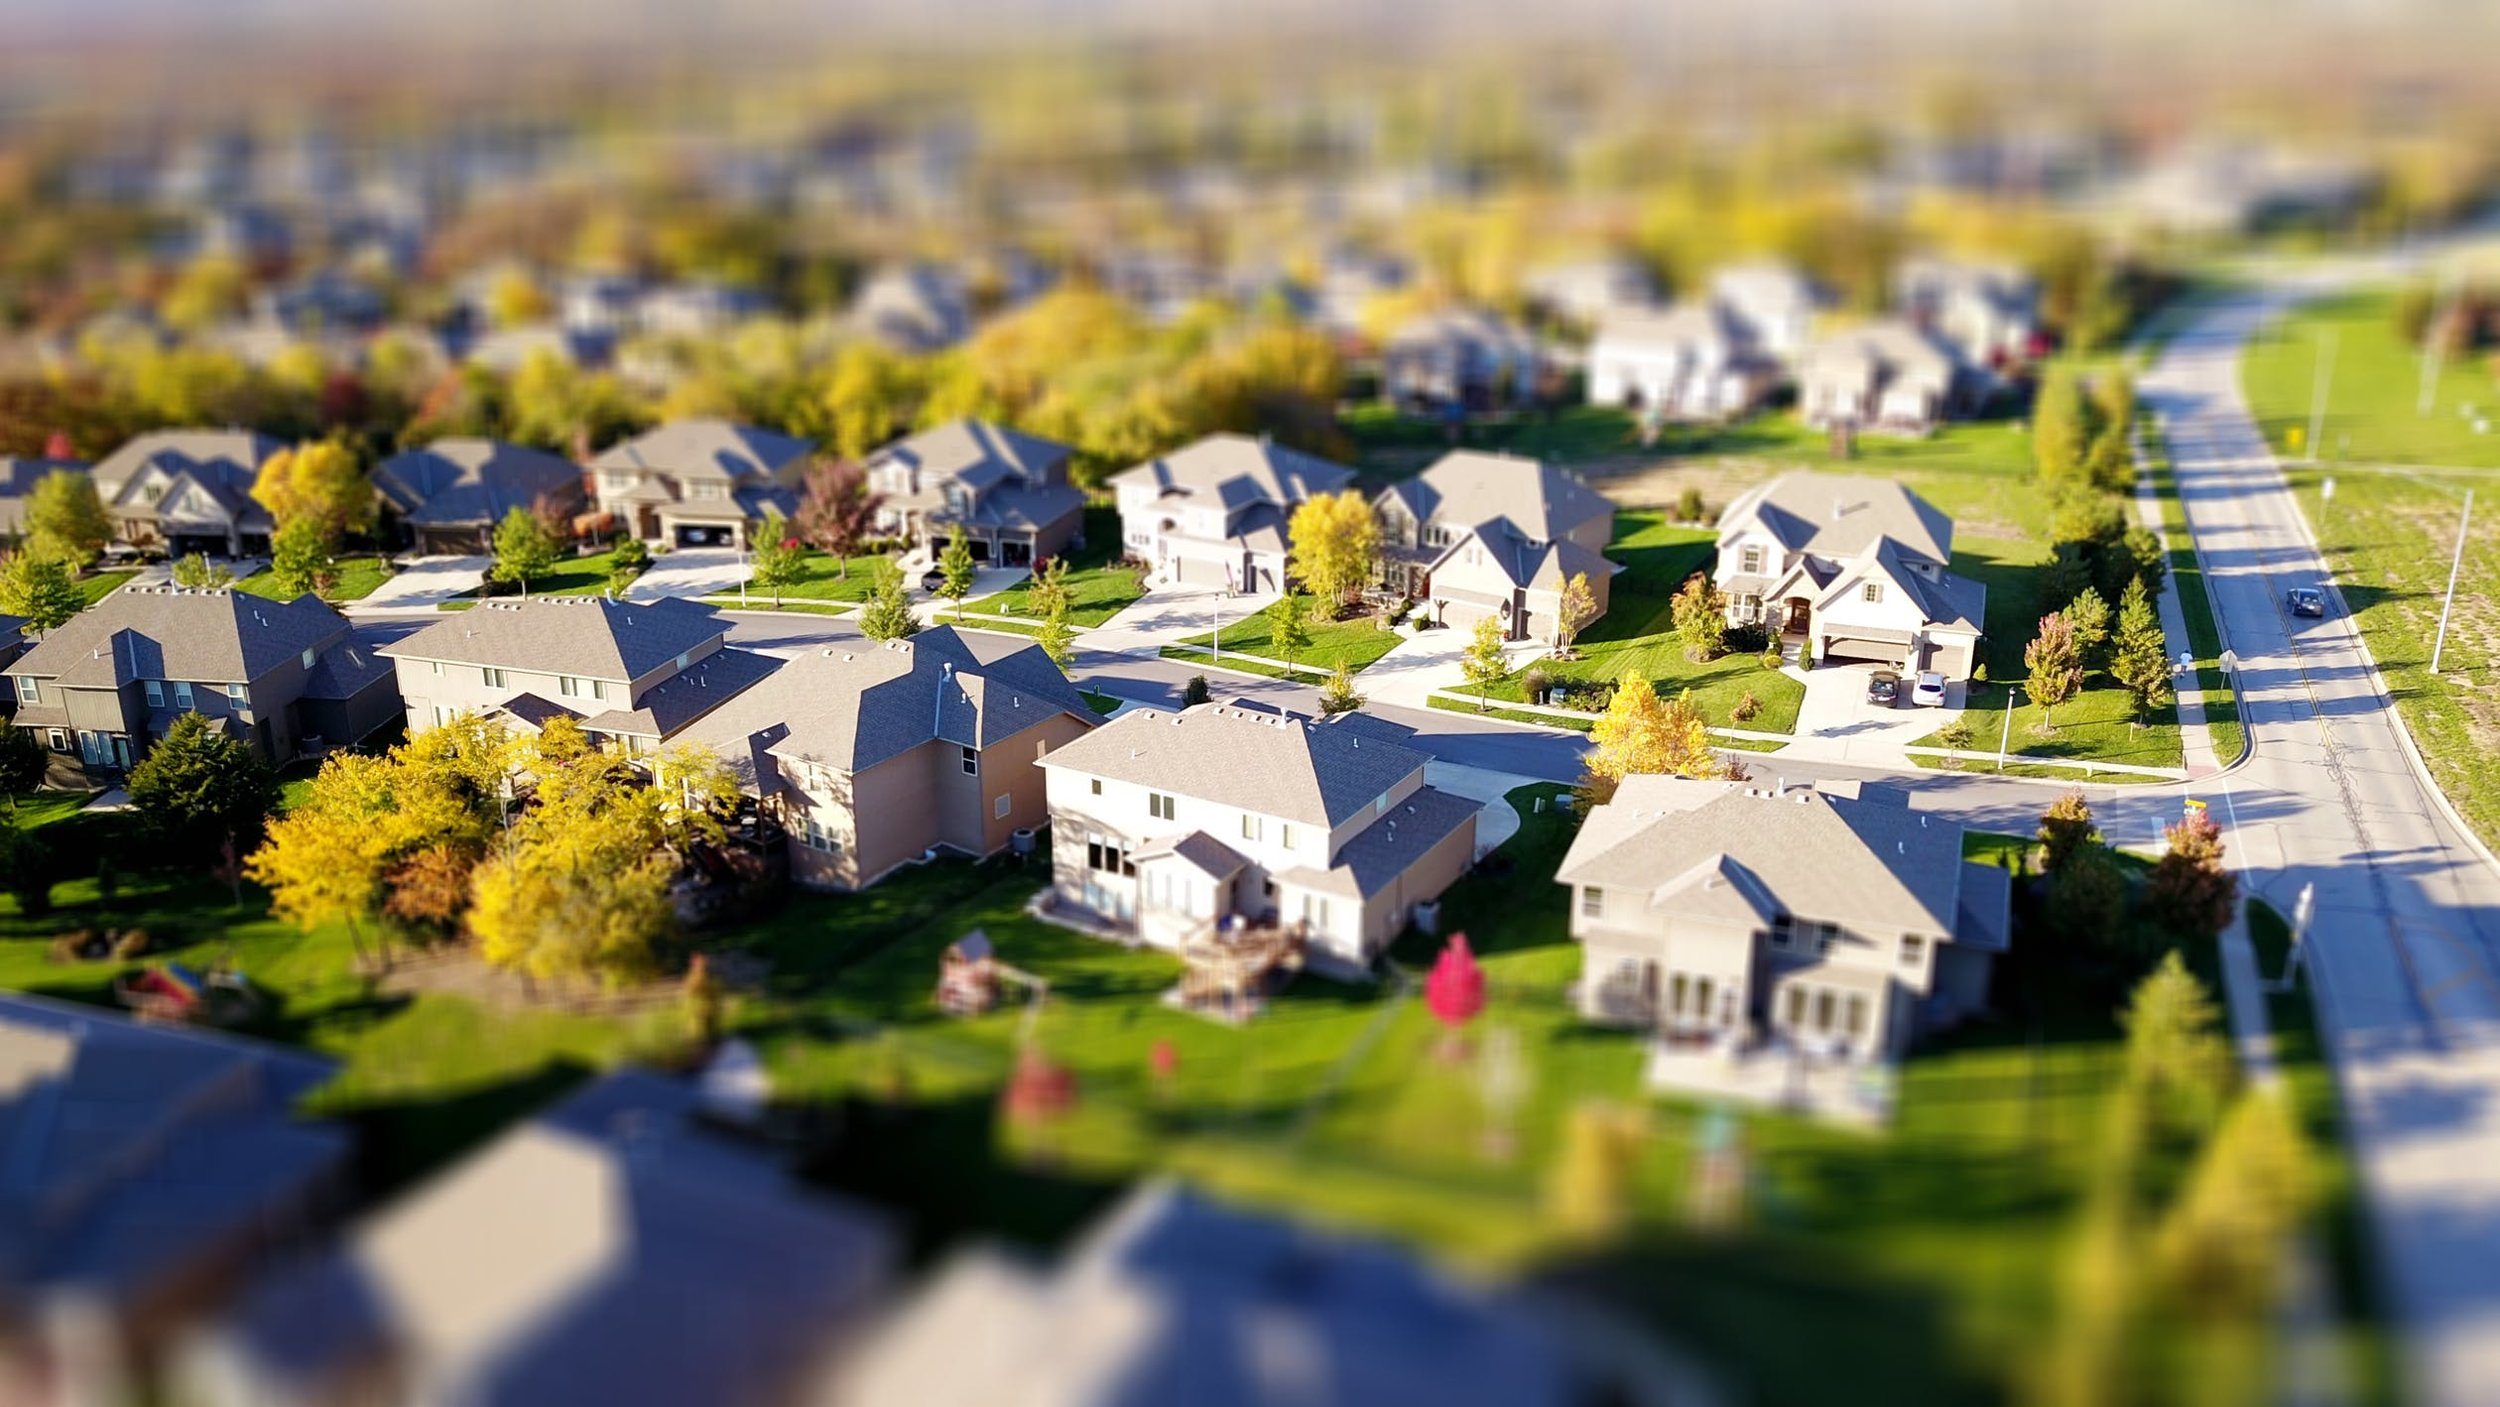 L'étude montre un net ralentissement des prix de l'immobilier à Lisbonne